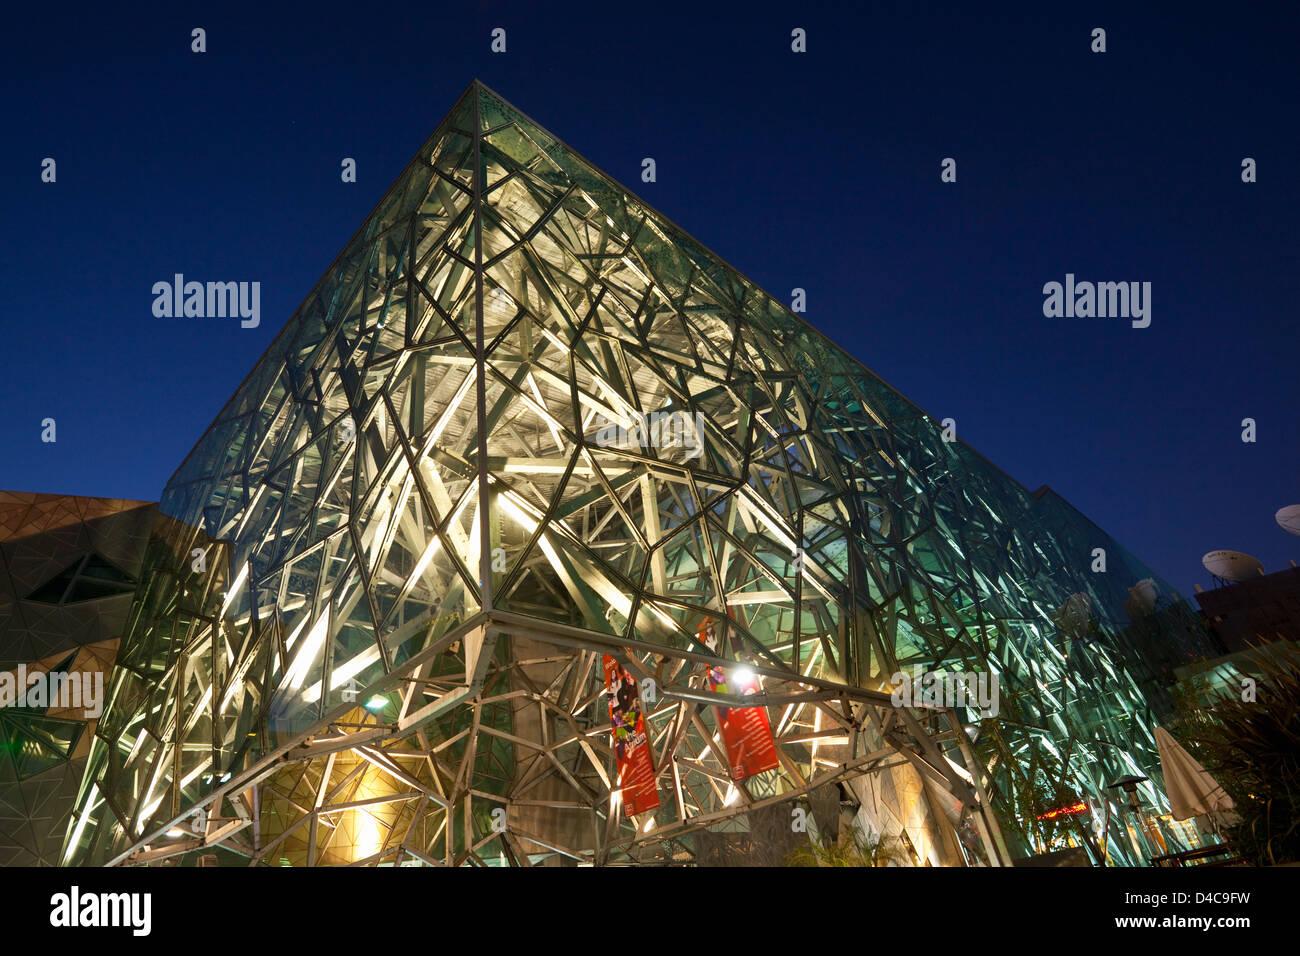 Architecture de Federation Square de nuit. Melbourne, Victoria, Australie Photo Stock